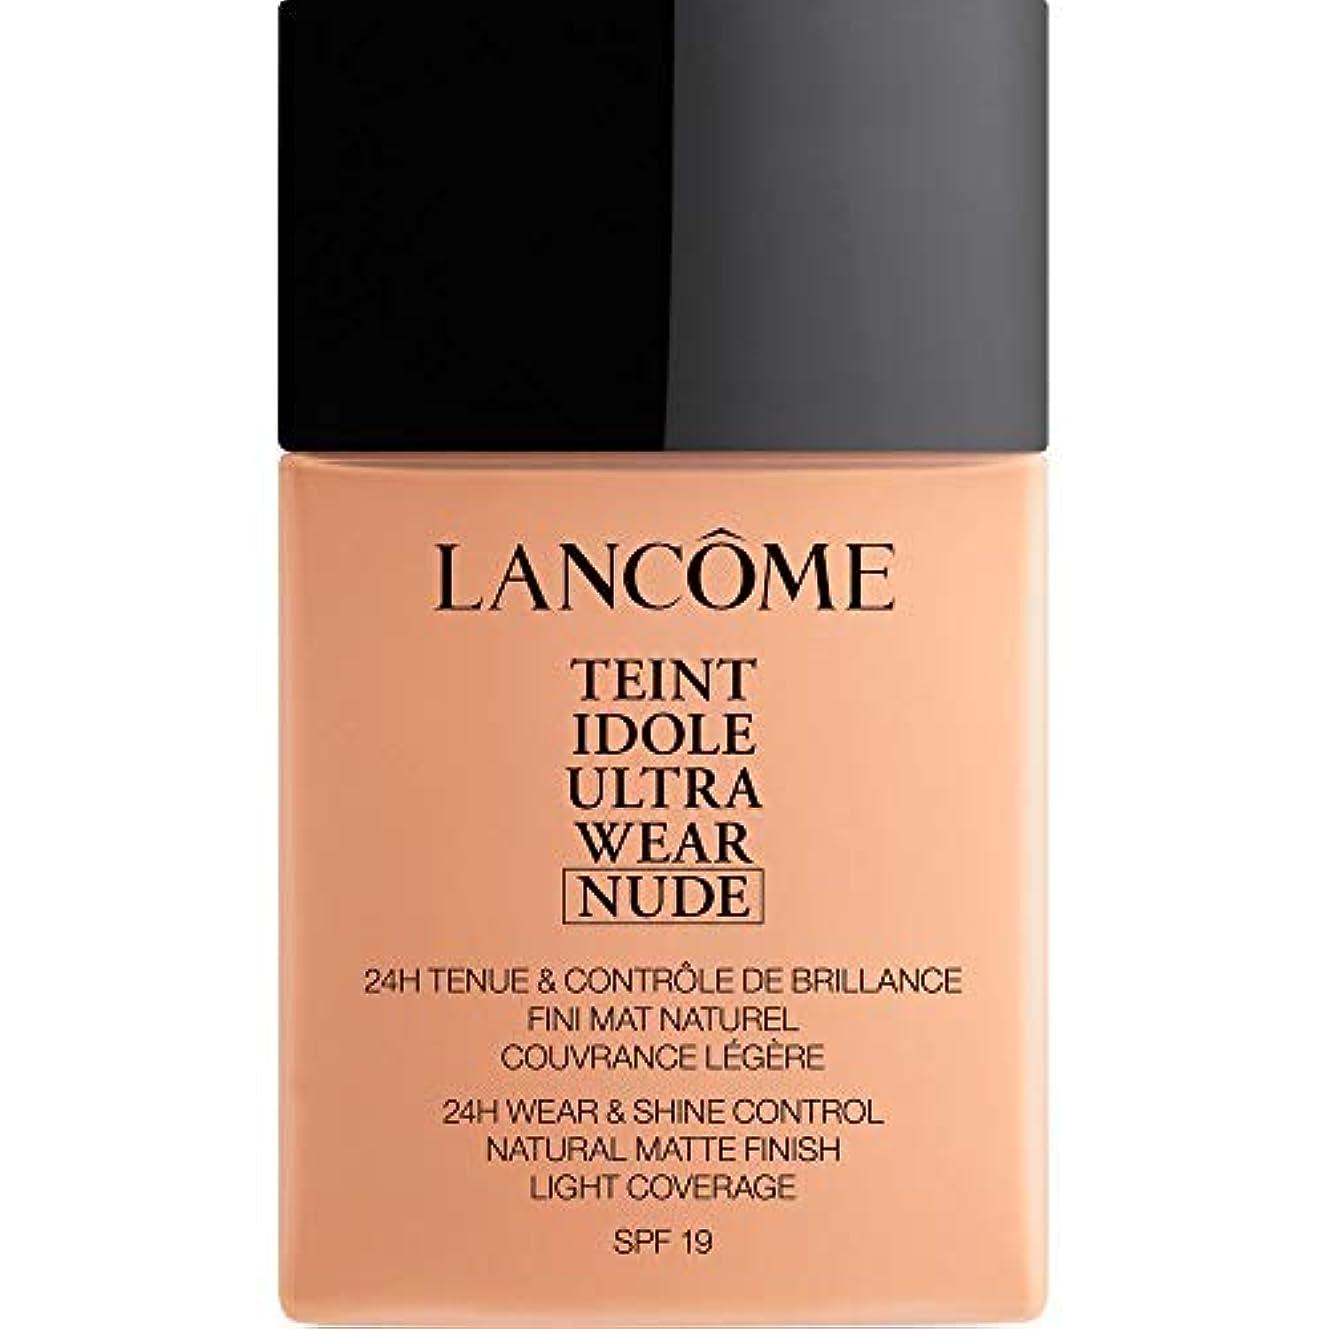 ムス財布めったに[Lanc?me ] ランコムTeintのIdole超摩耗ヌード財団Spf19の40ミリリットル038 - ベージュCuivre - Lancome Teint Idole Ultra Wear Nude Foundation...